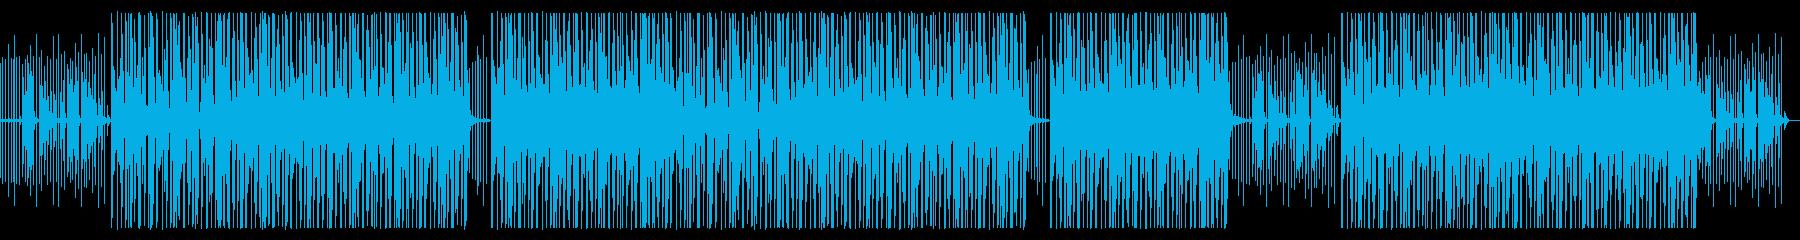 時計とオルゴール音の癒しビートの再生済みの波形